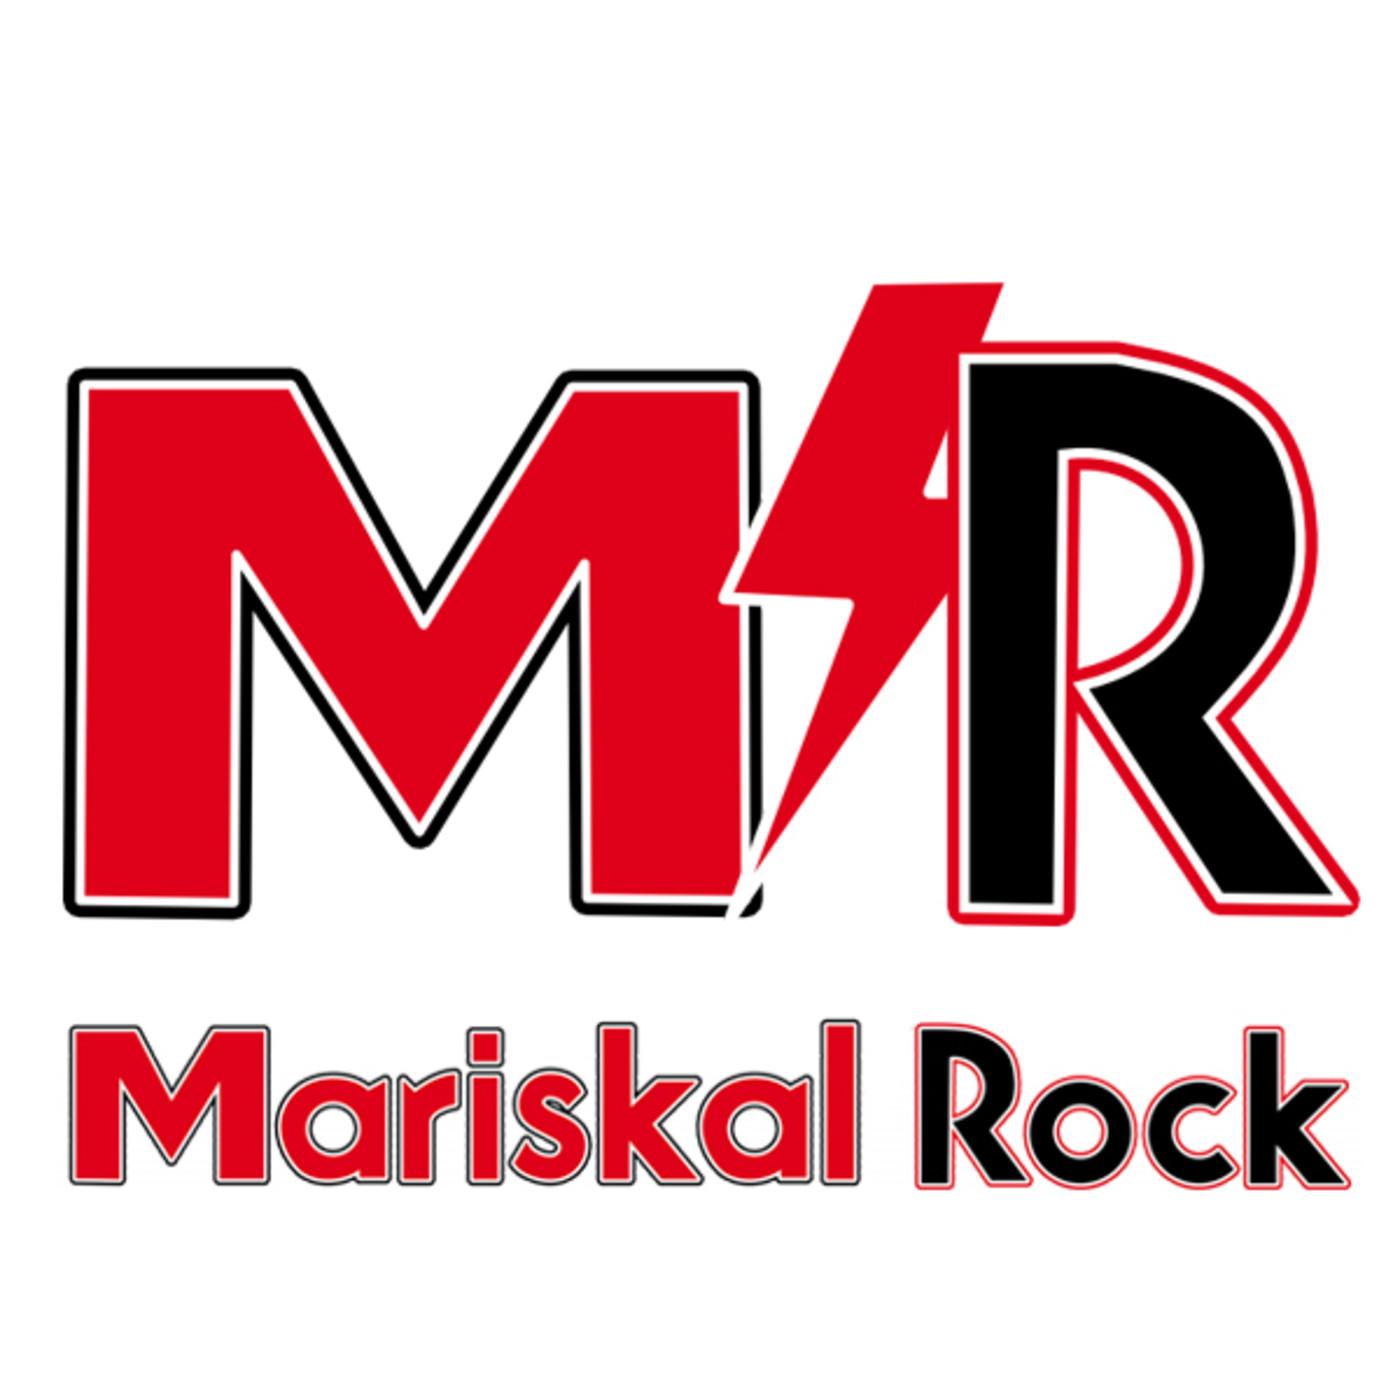 Mariskal Romero Show 24/04/2013 - 1ª parte: José Andrëa y Uróboros